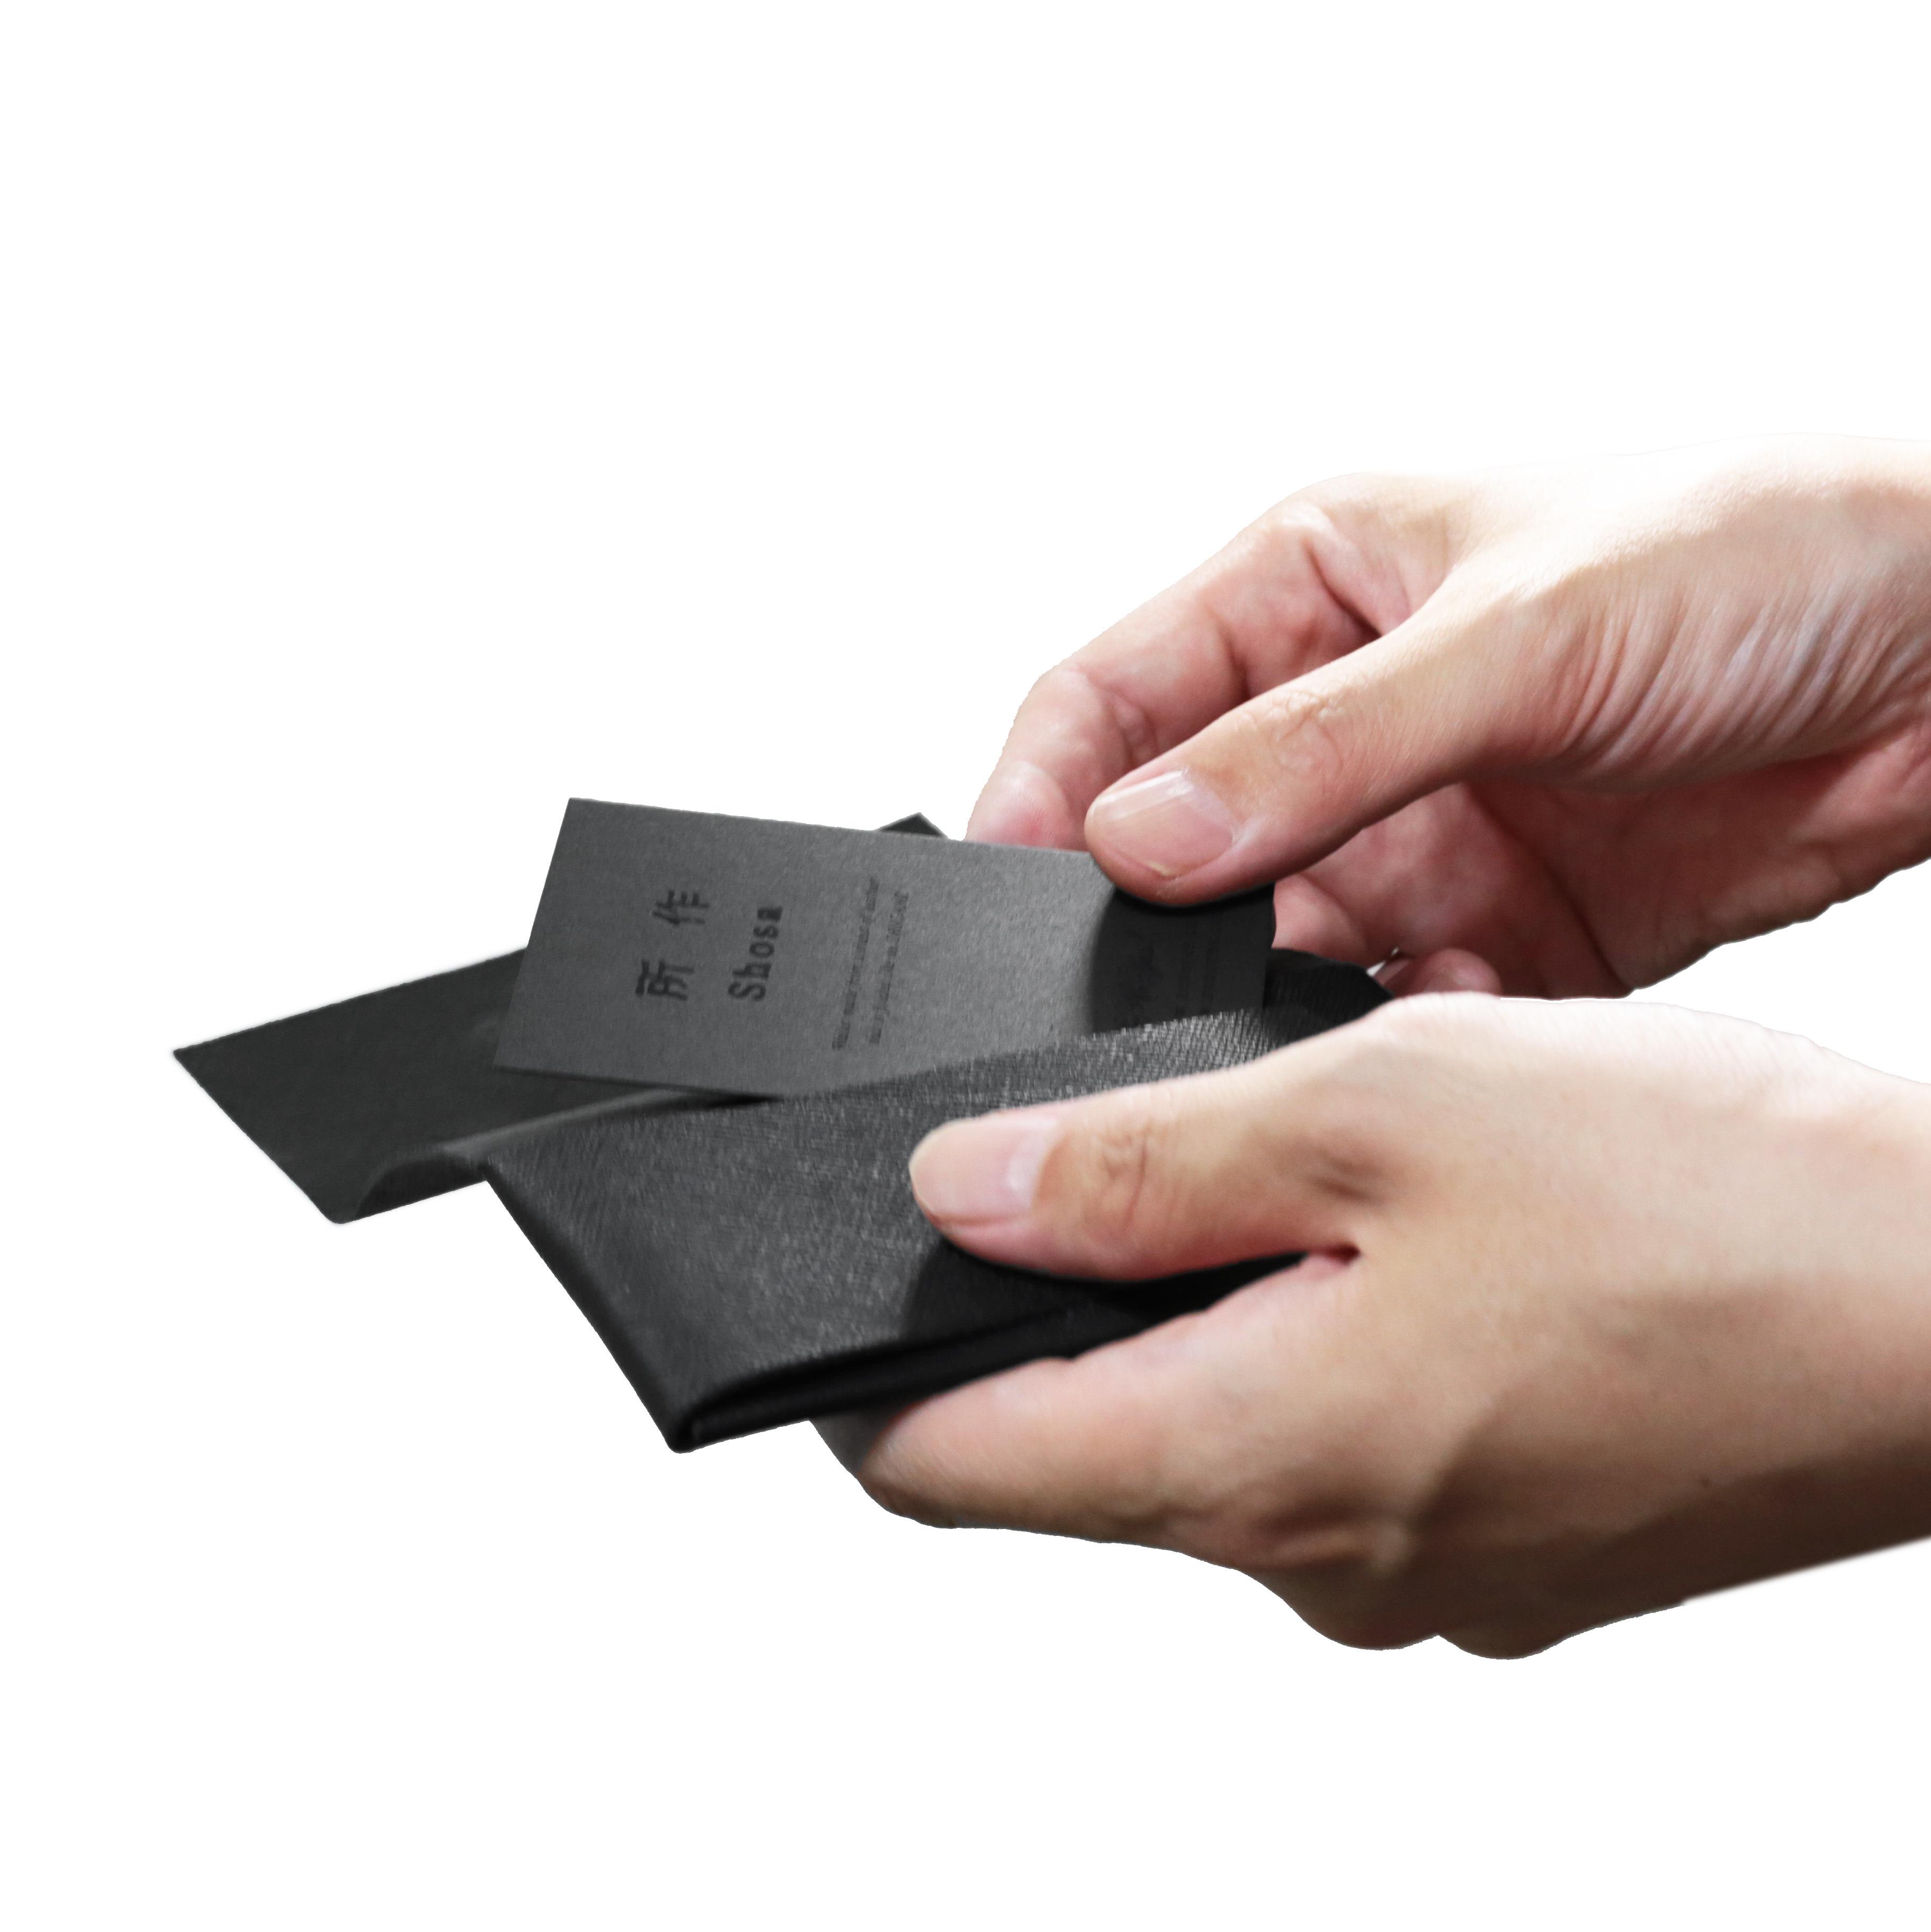 インダストリアル カードケース